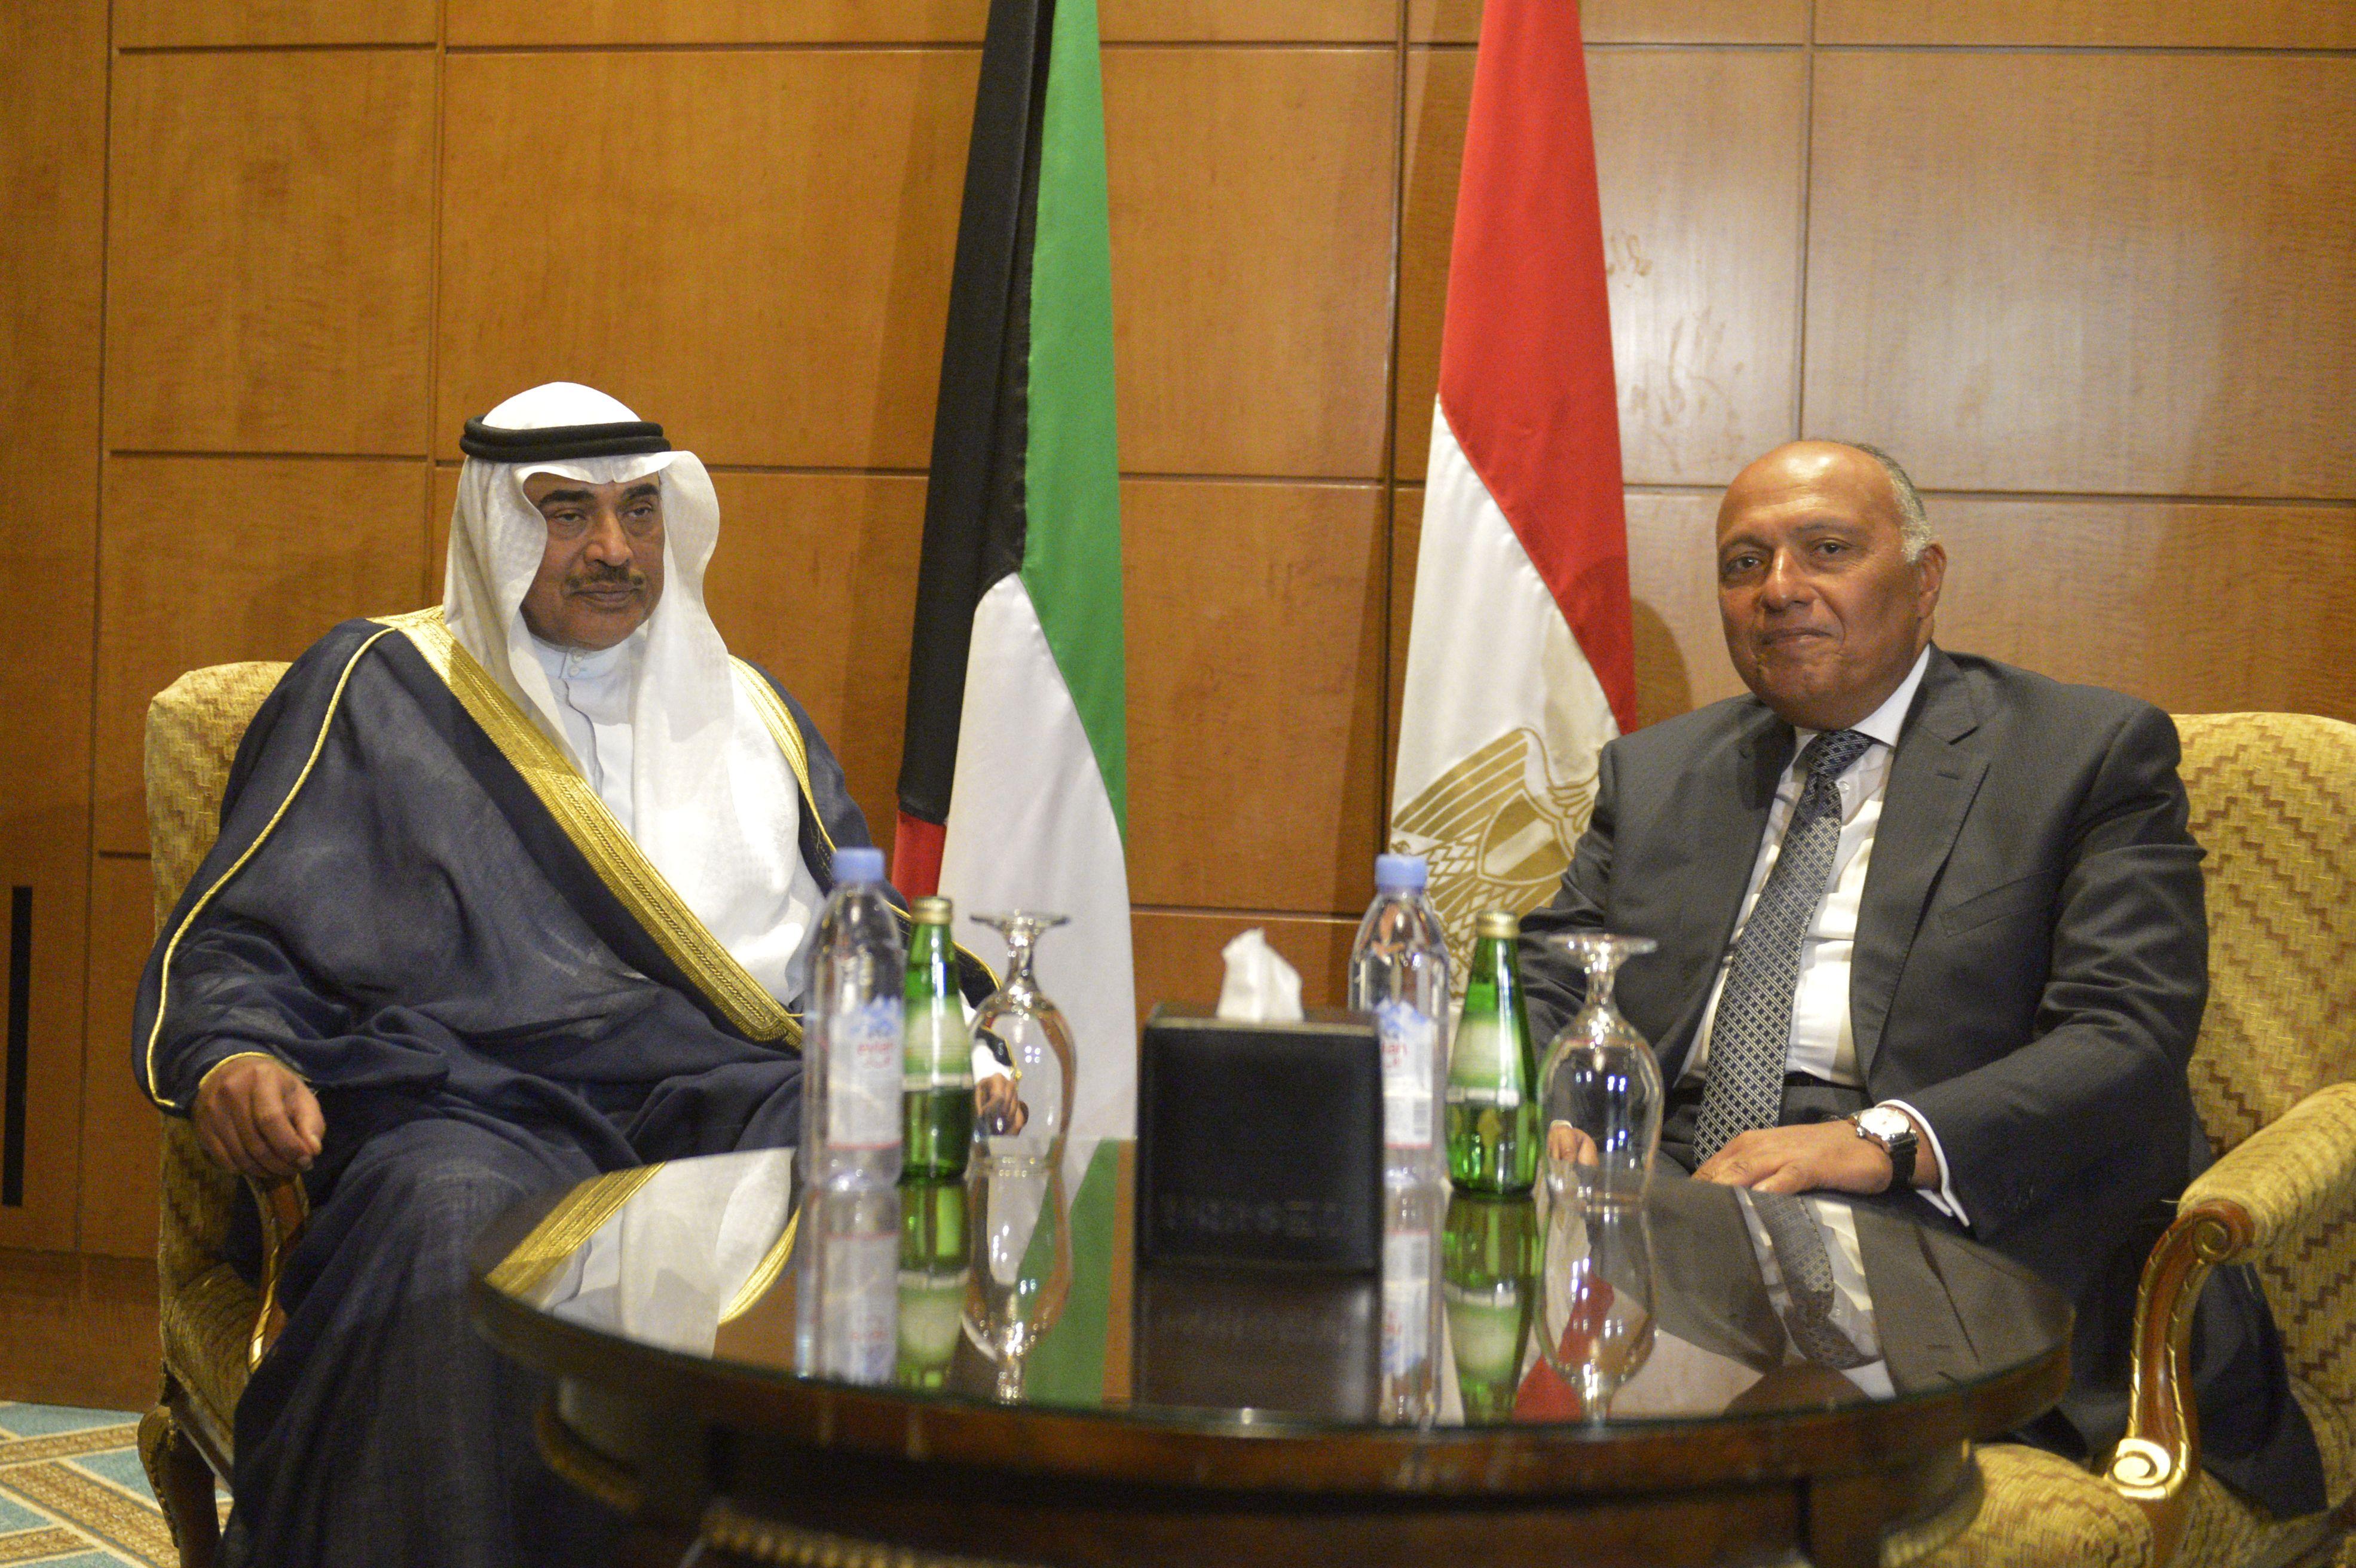 وزيرا خارجية مصر والكويت يبحثان أزمة قطر